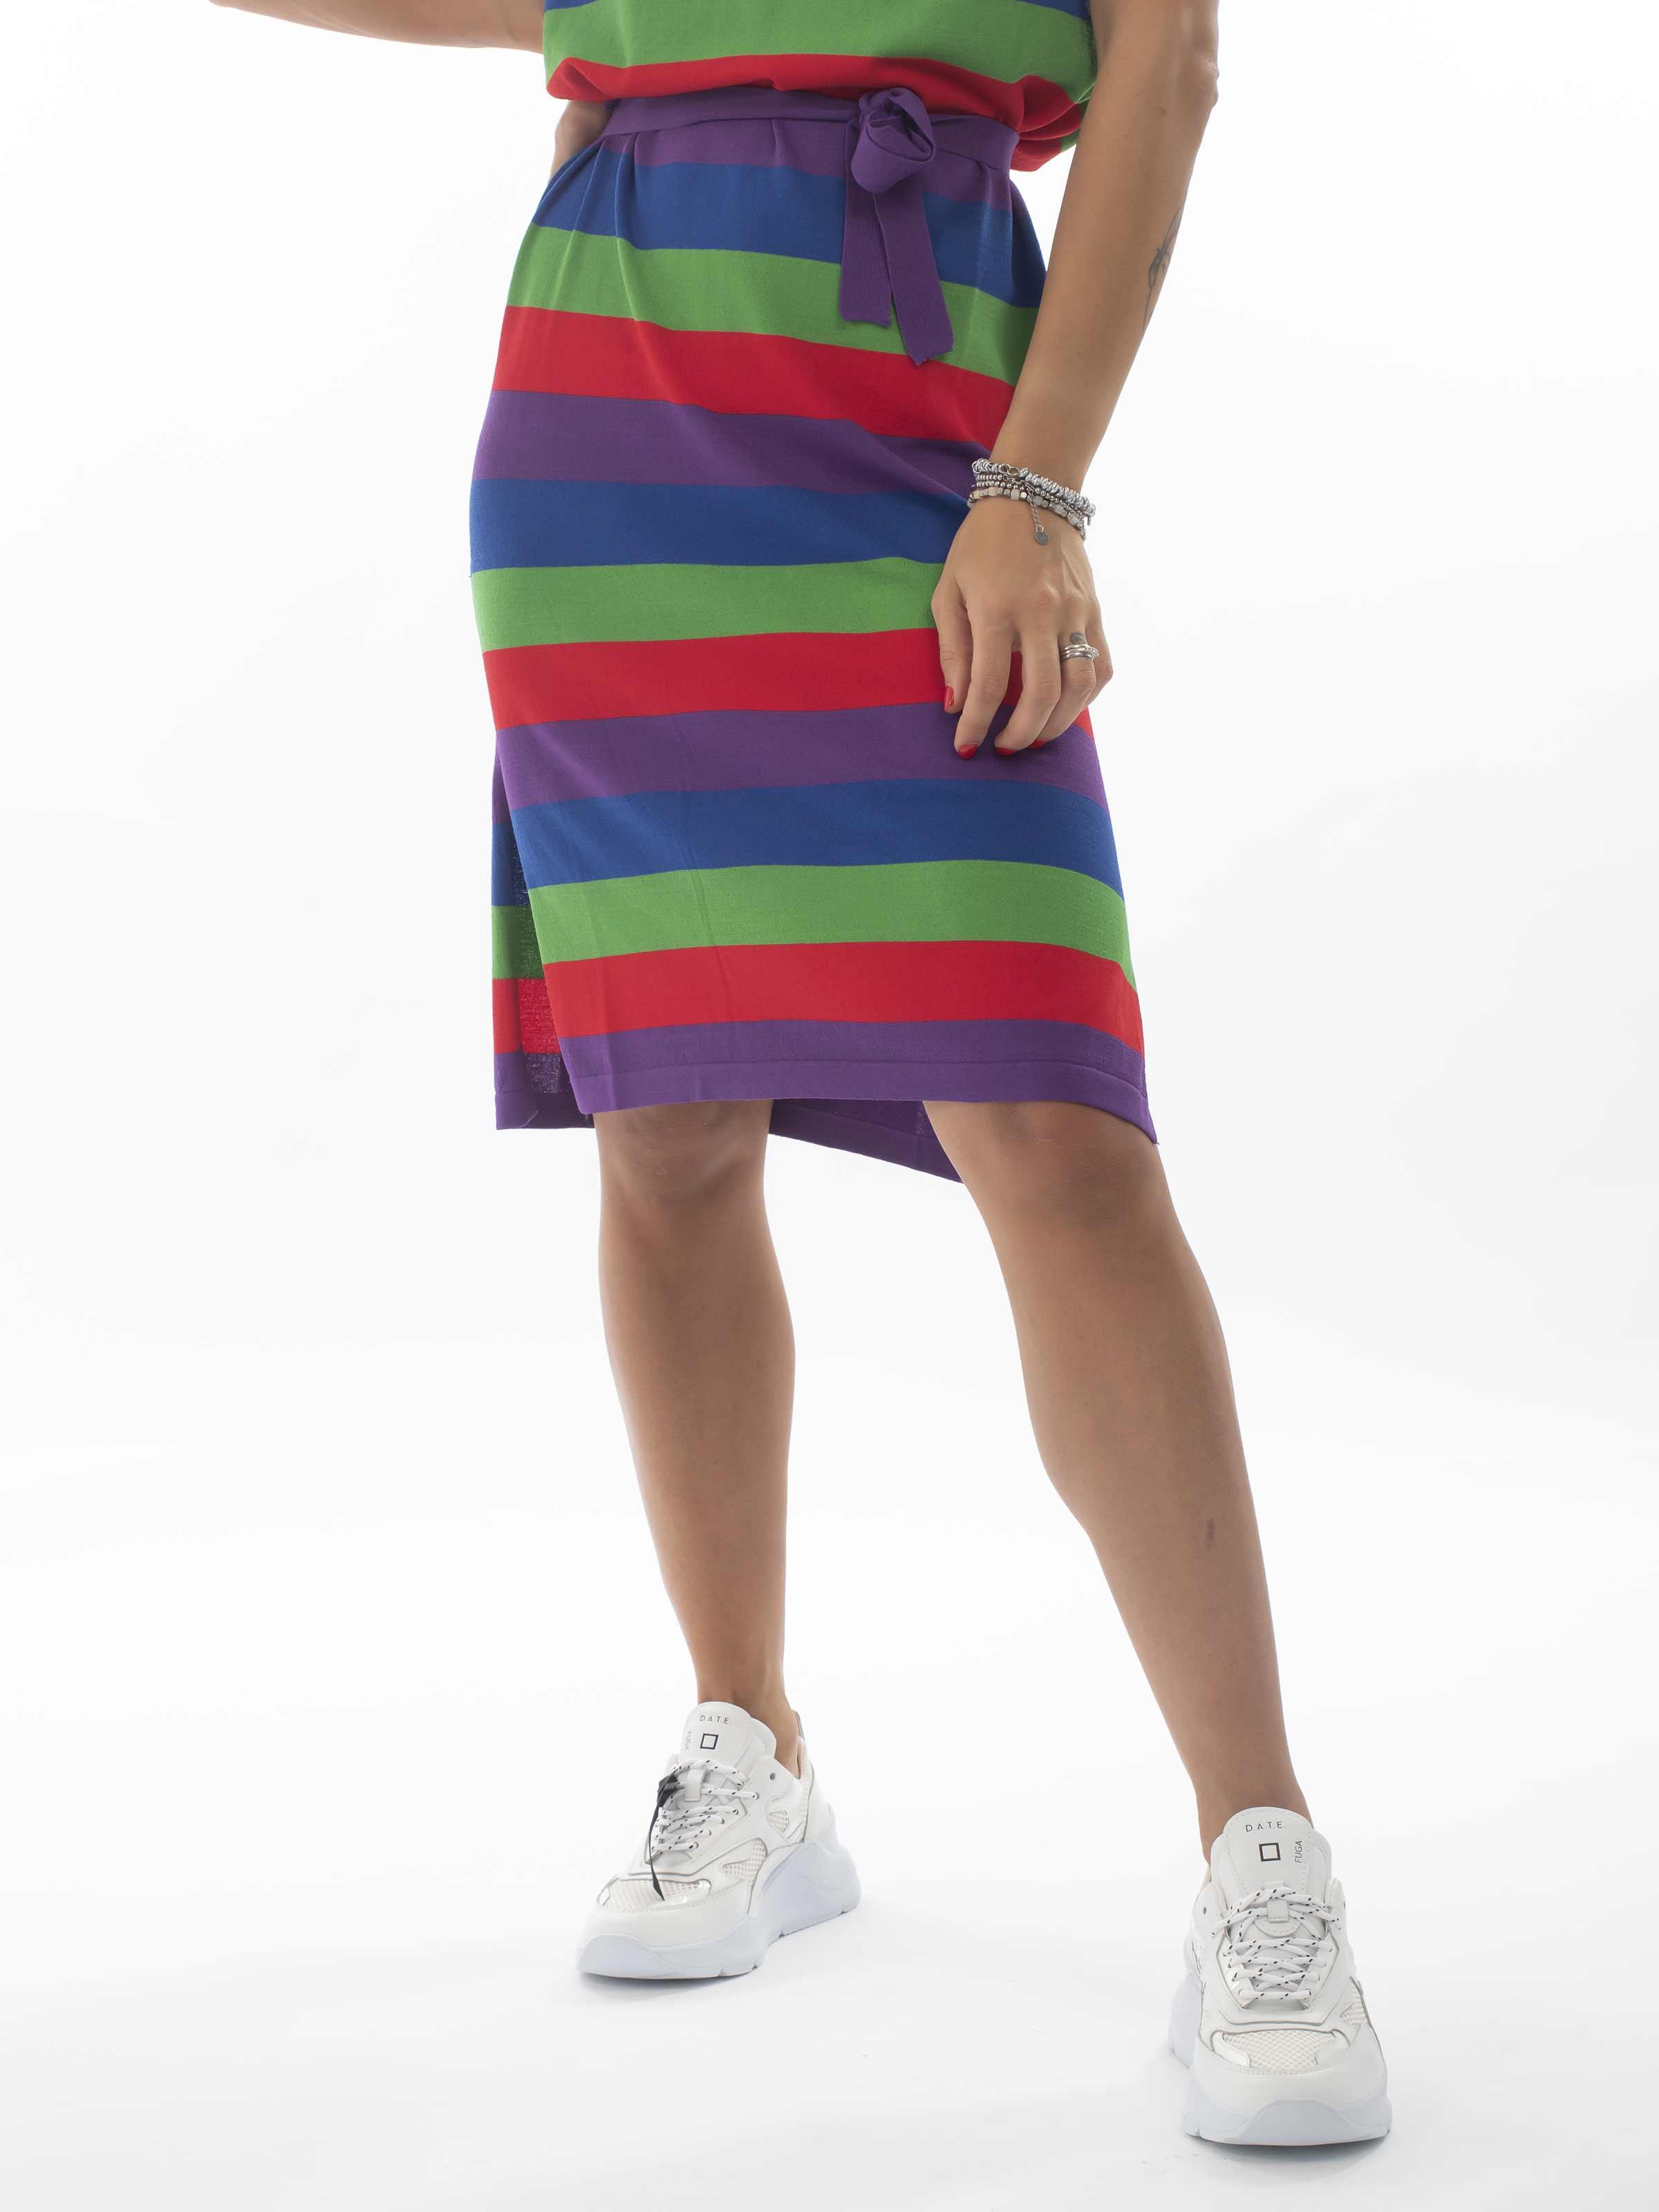 URINK | dress | FIORENZAMULTICOLOR